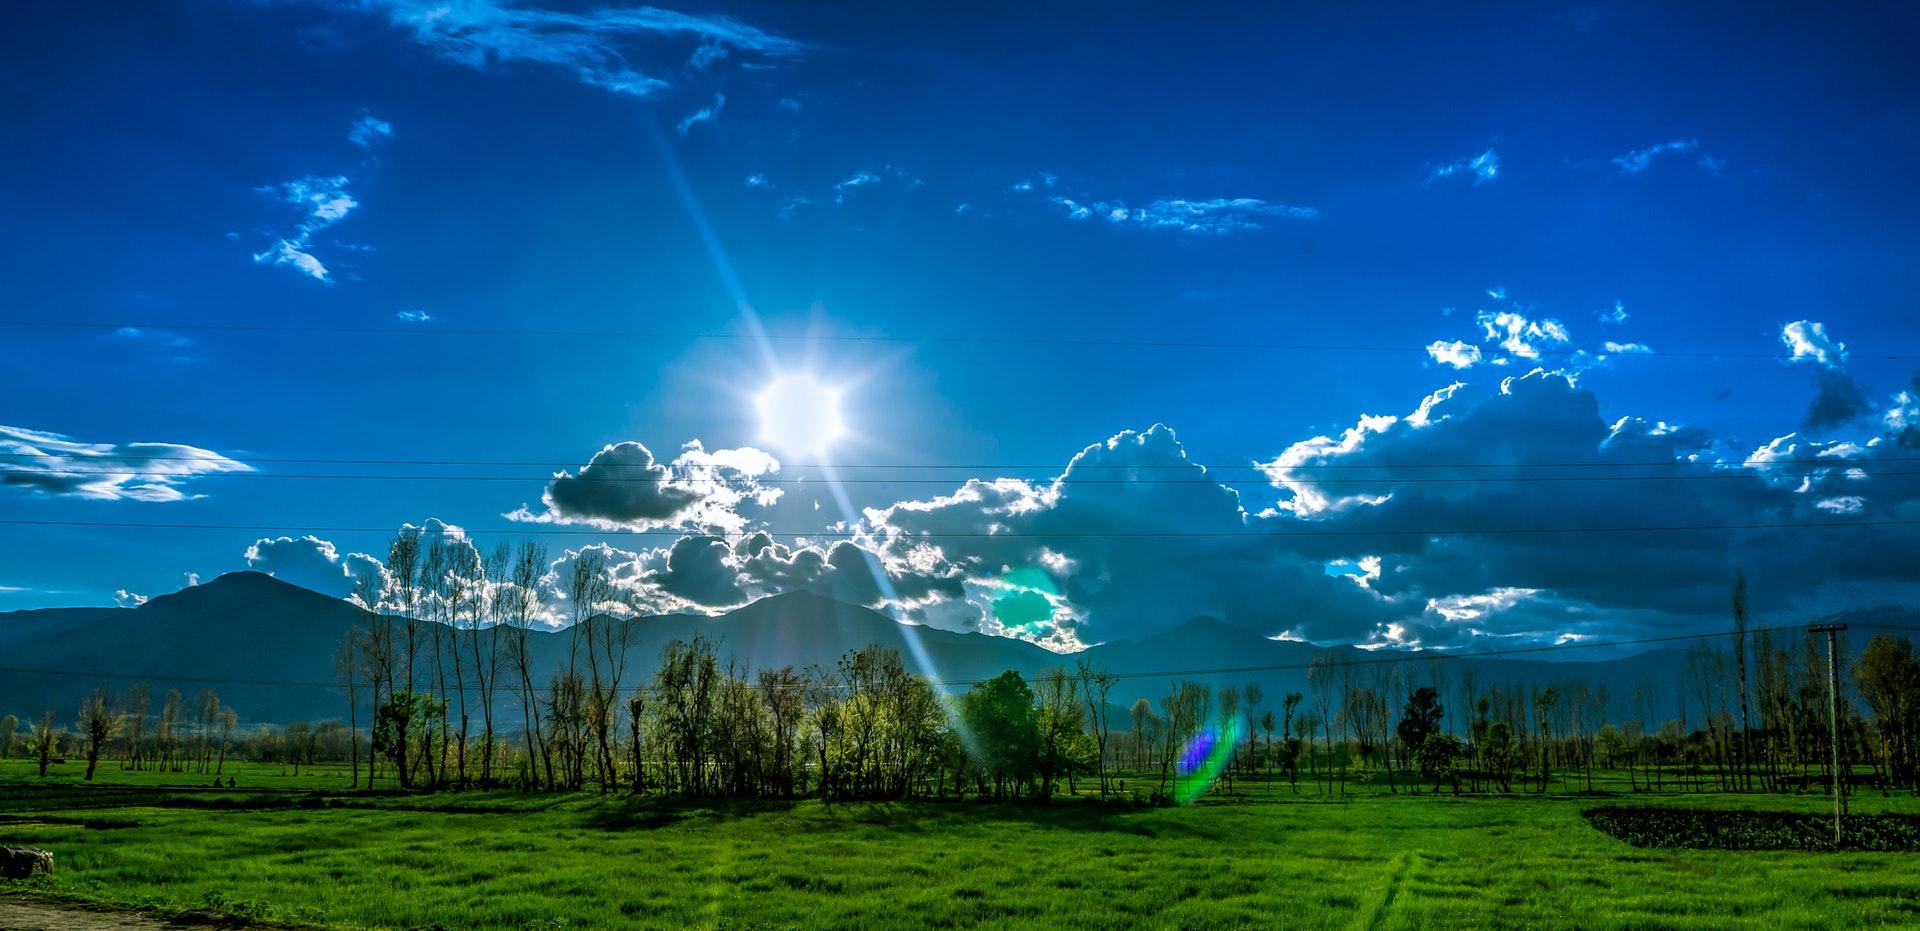 Blauw licht is het seintje van de nieuwe dag